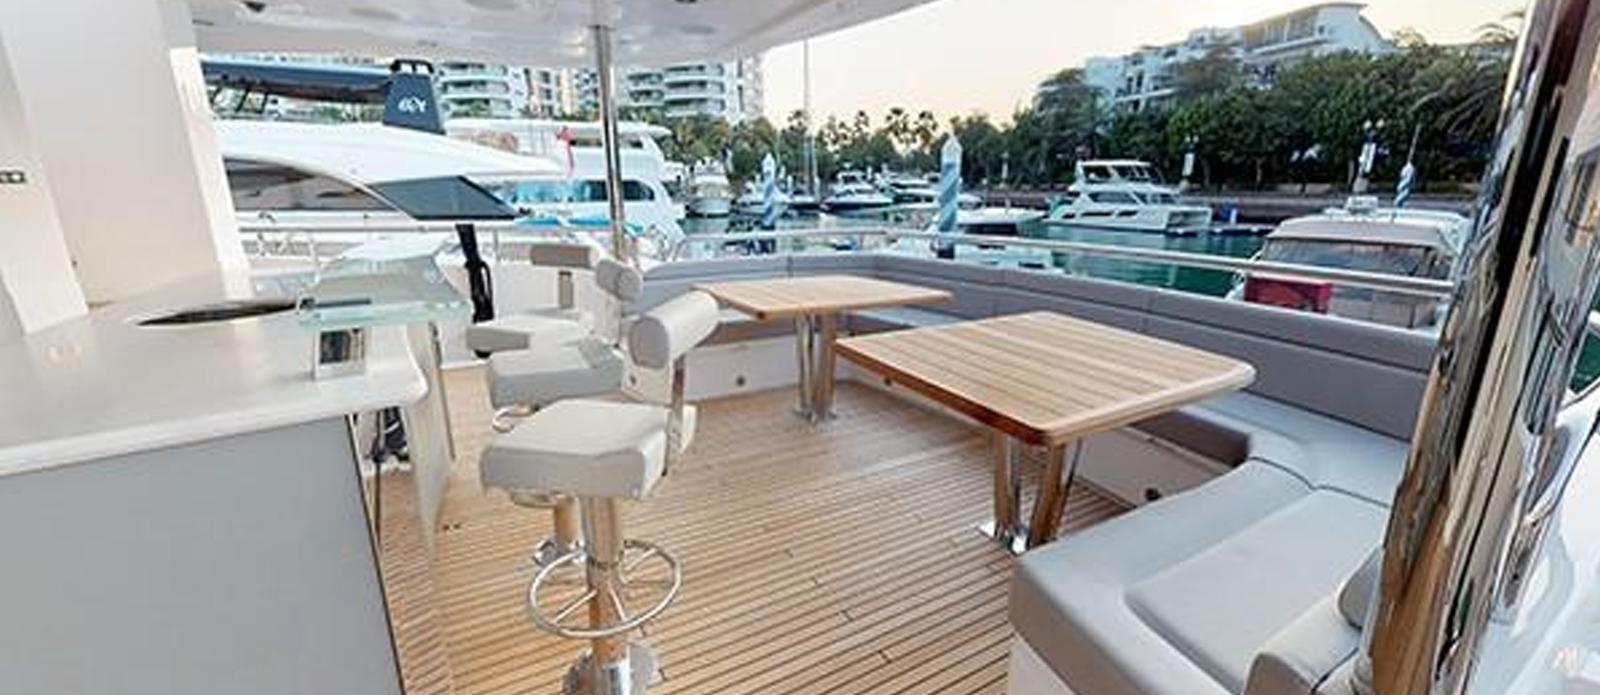 Sunseeker-116-Sport-Yacht-Priceless-18